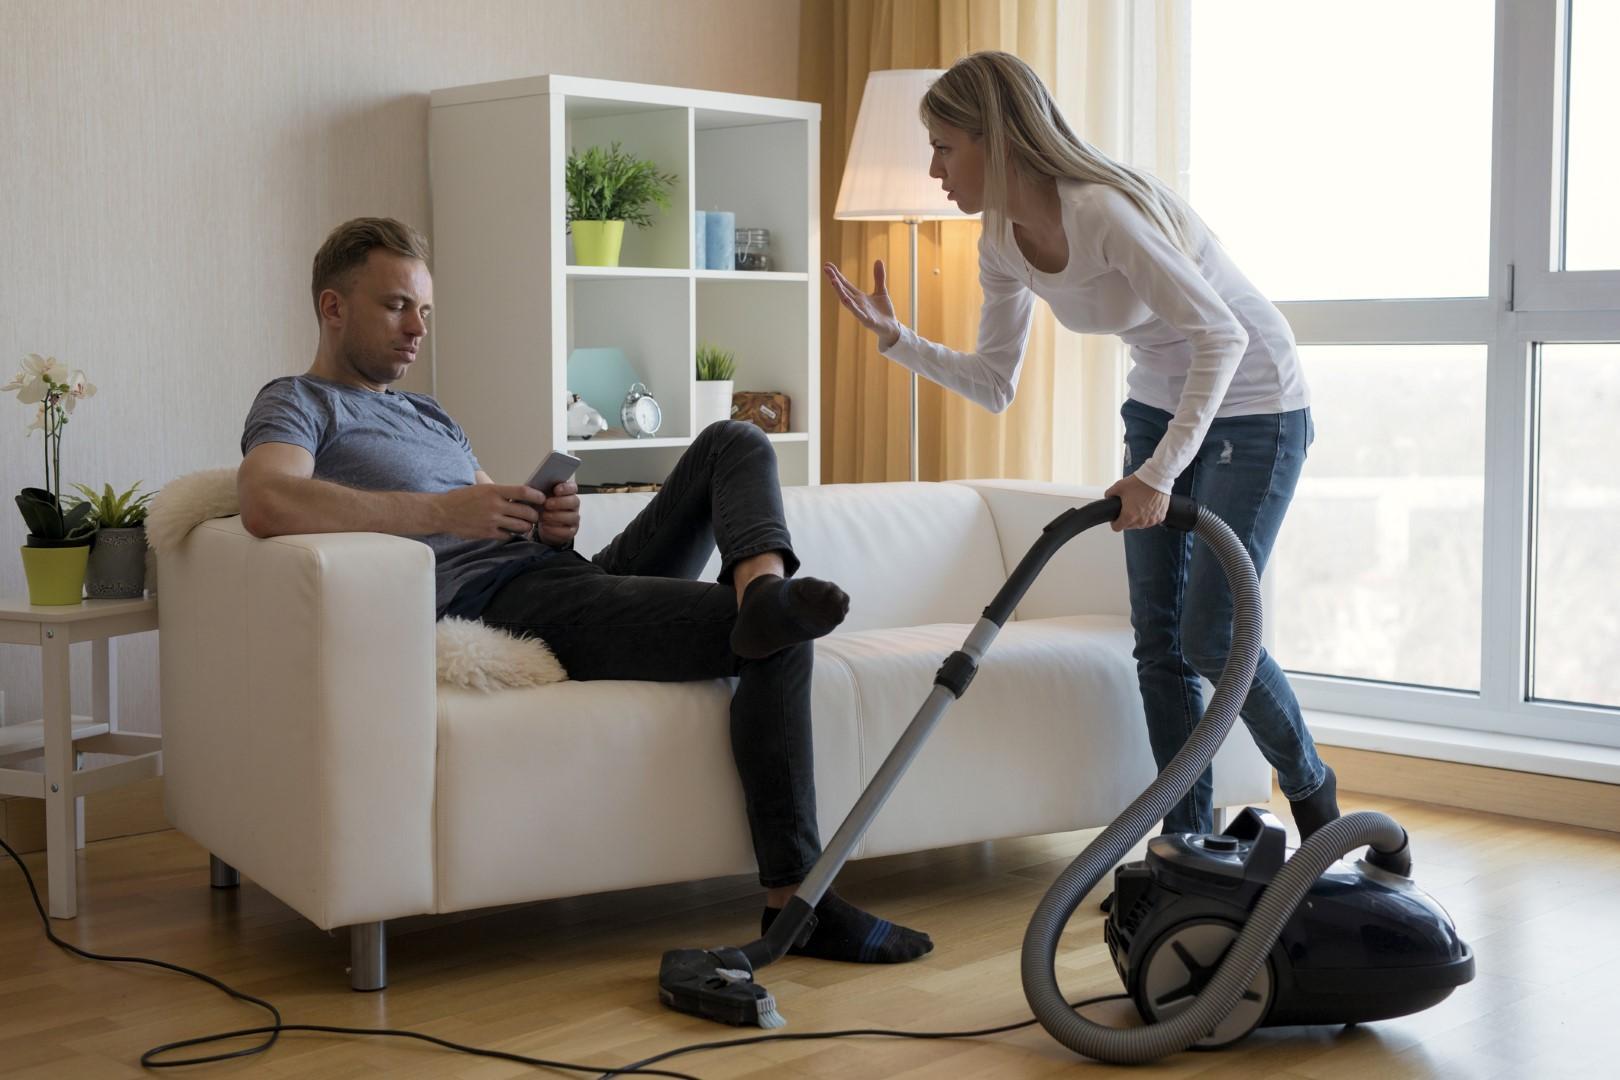 I lavori di casa: come condividerli (senza litigare)